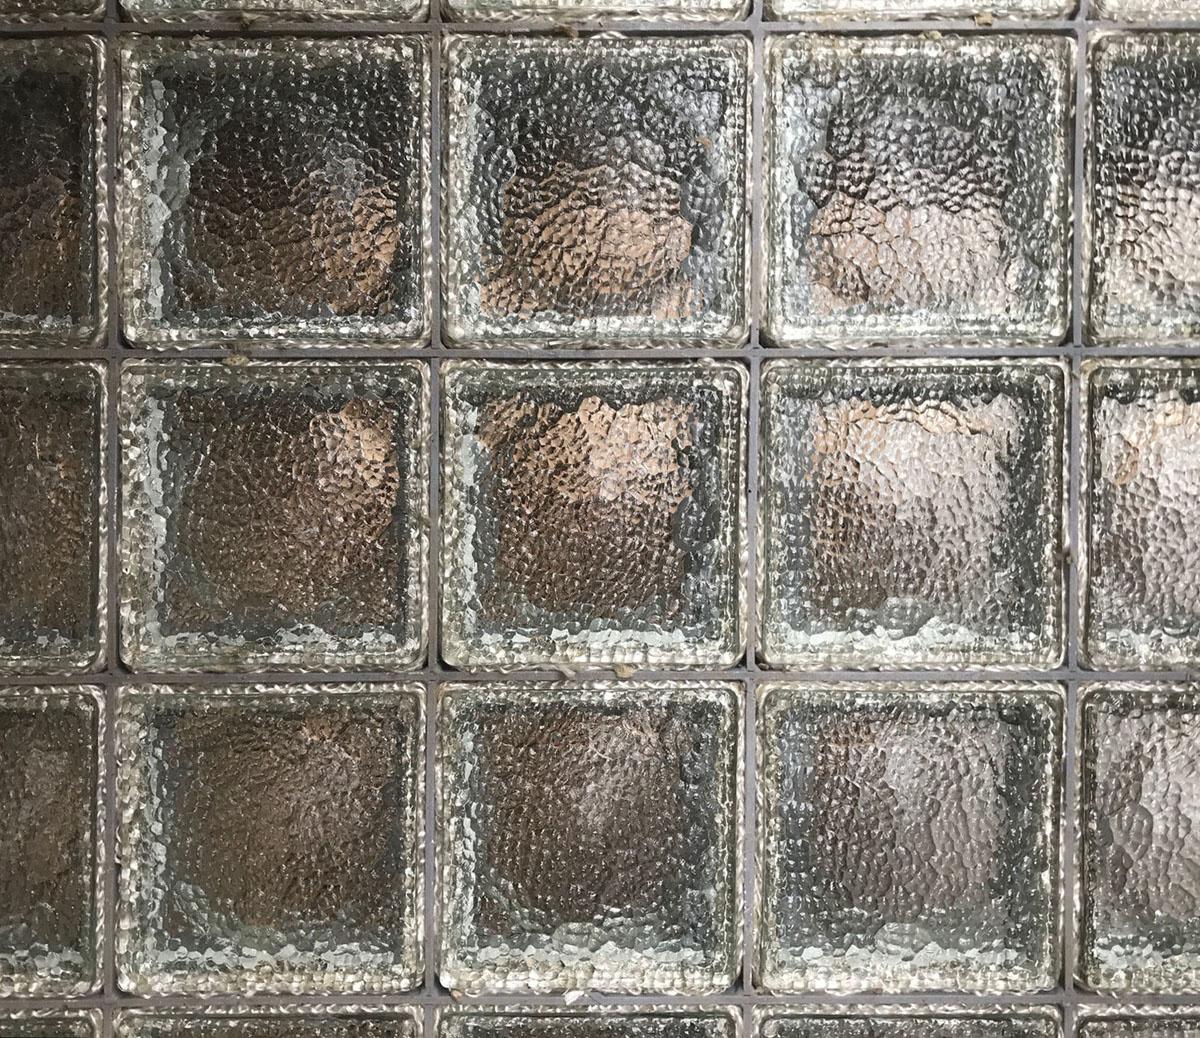 La photographie montre les pavés de verre posés sur une galerie.